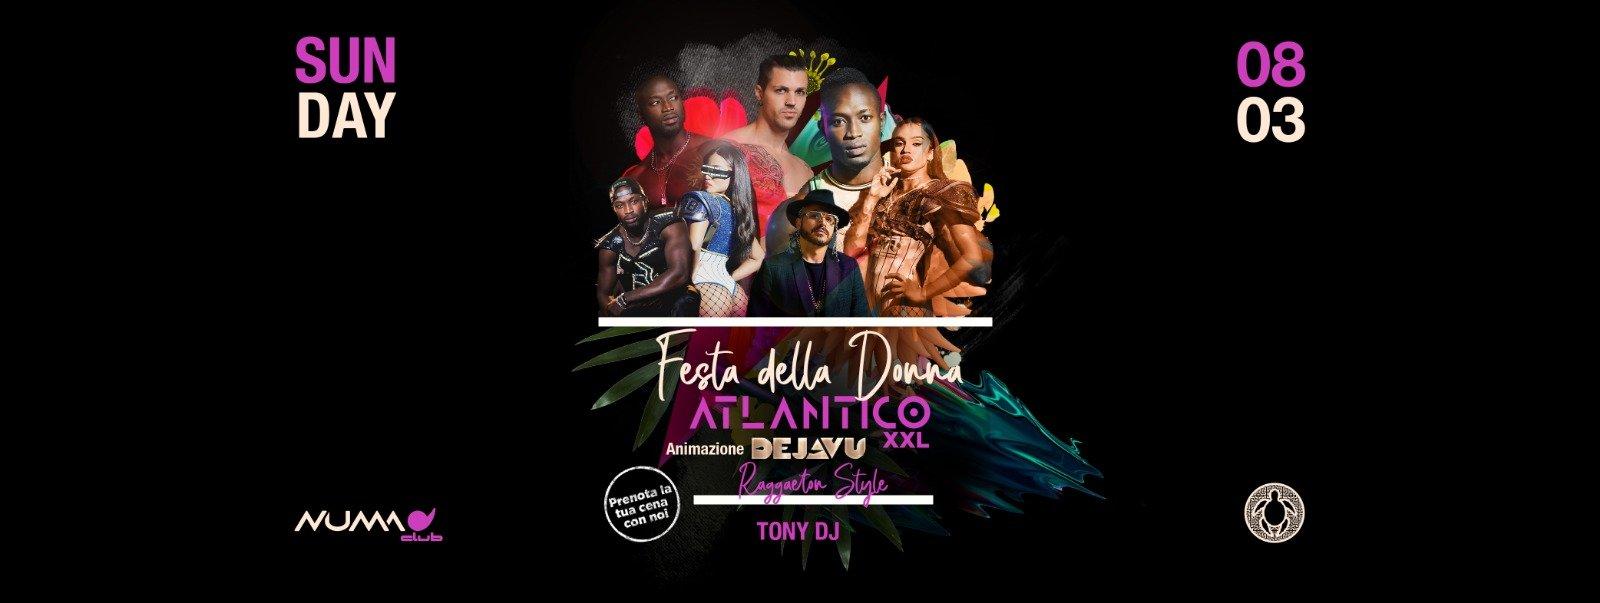 Festa della Donna Atlantico Numa Club Bologna